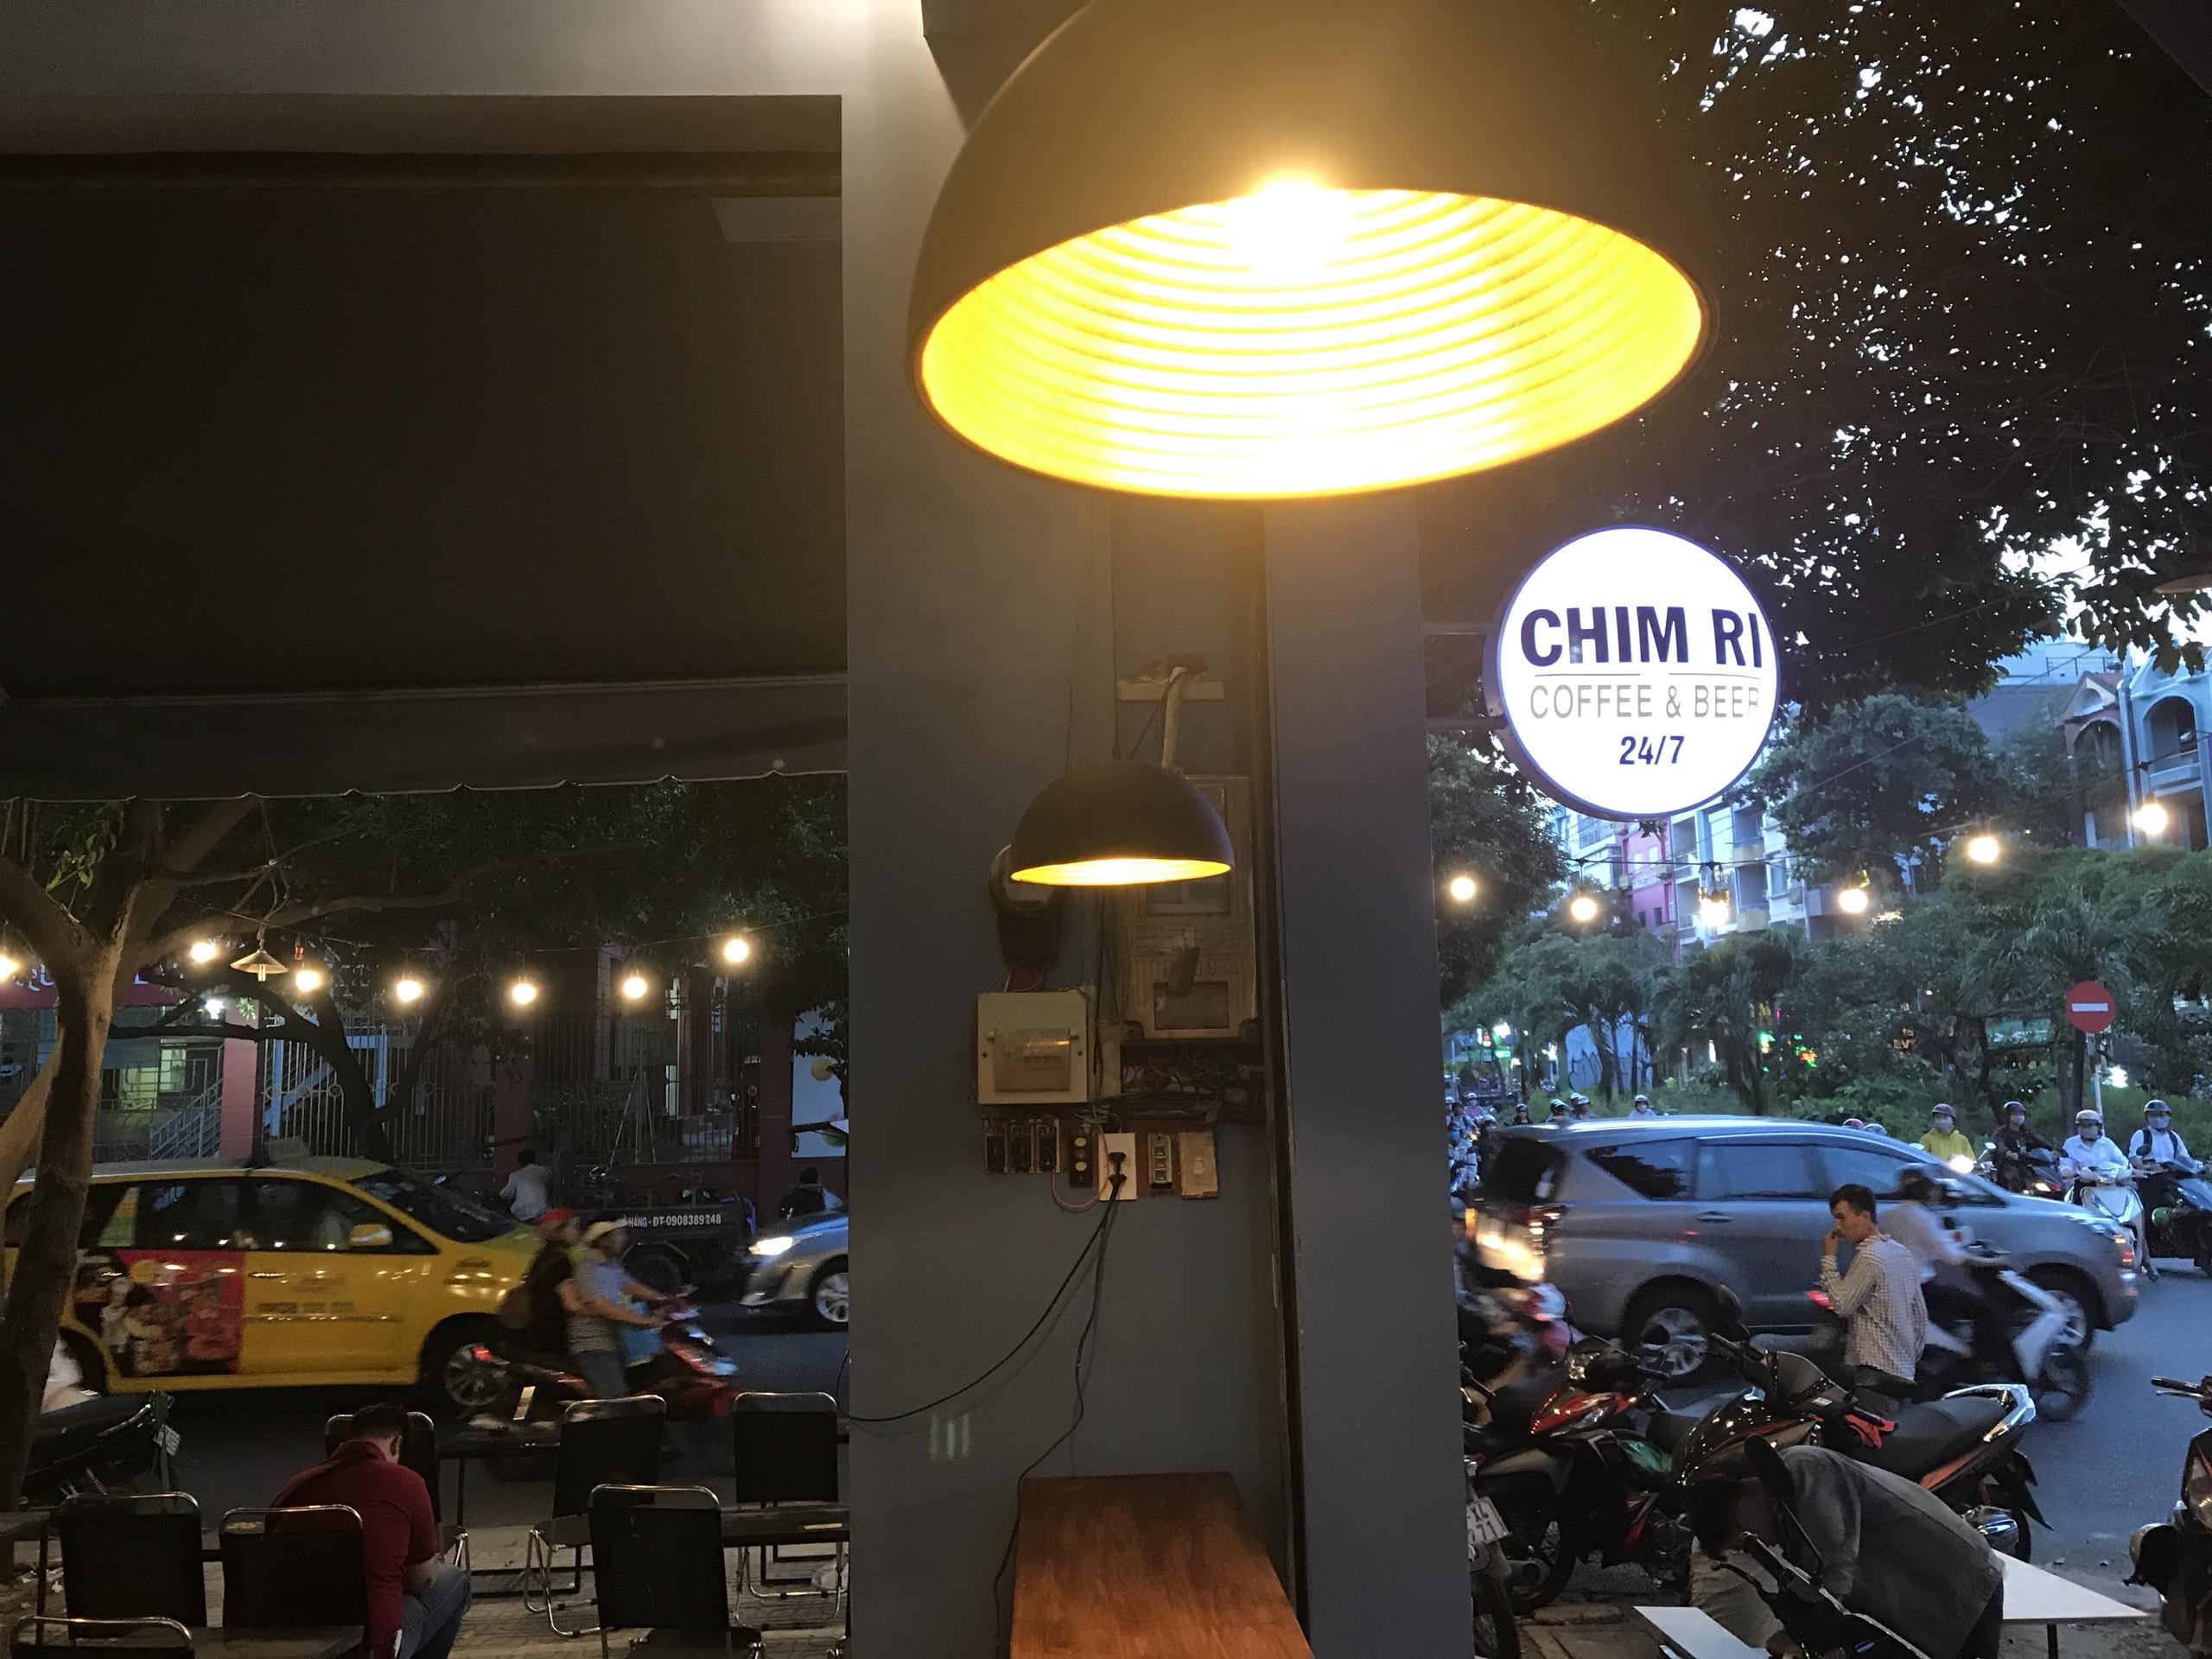 chim ri coffee